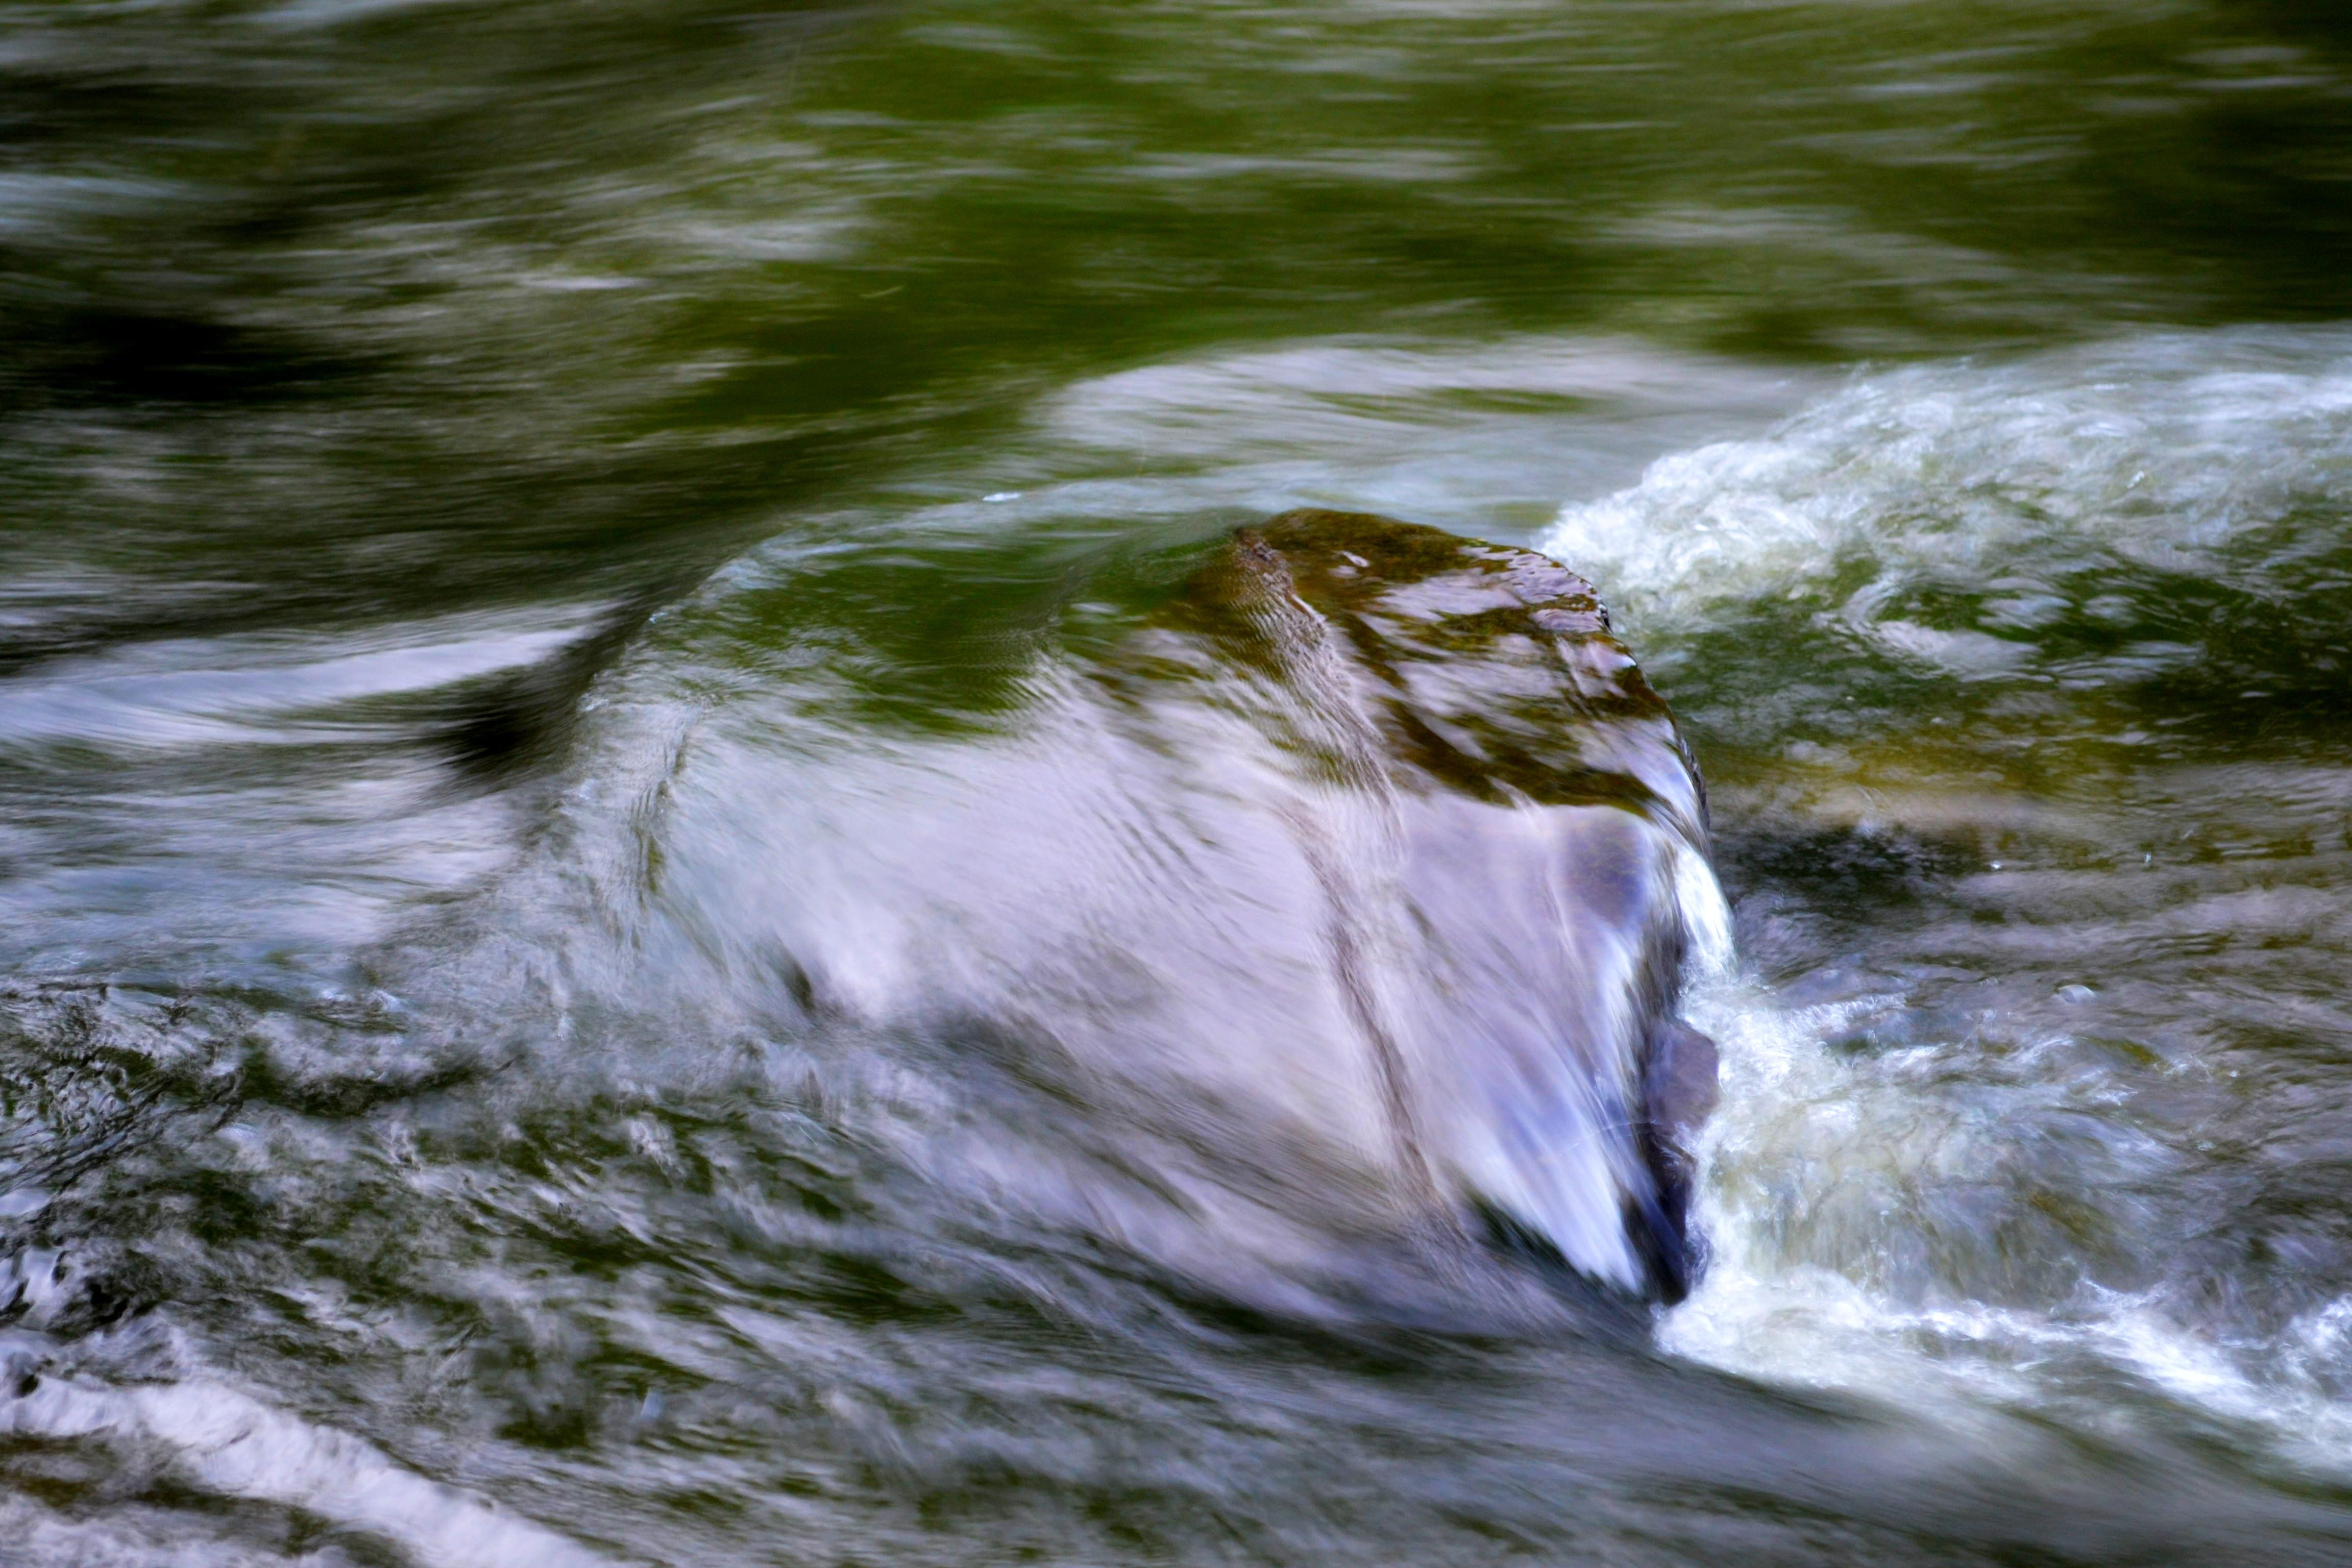 http://images.sevstar.net/images/67177200518107137322.jpg